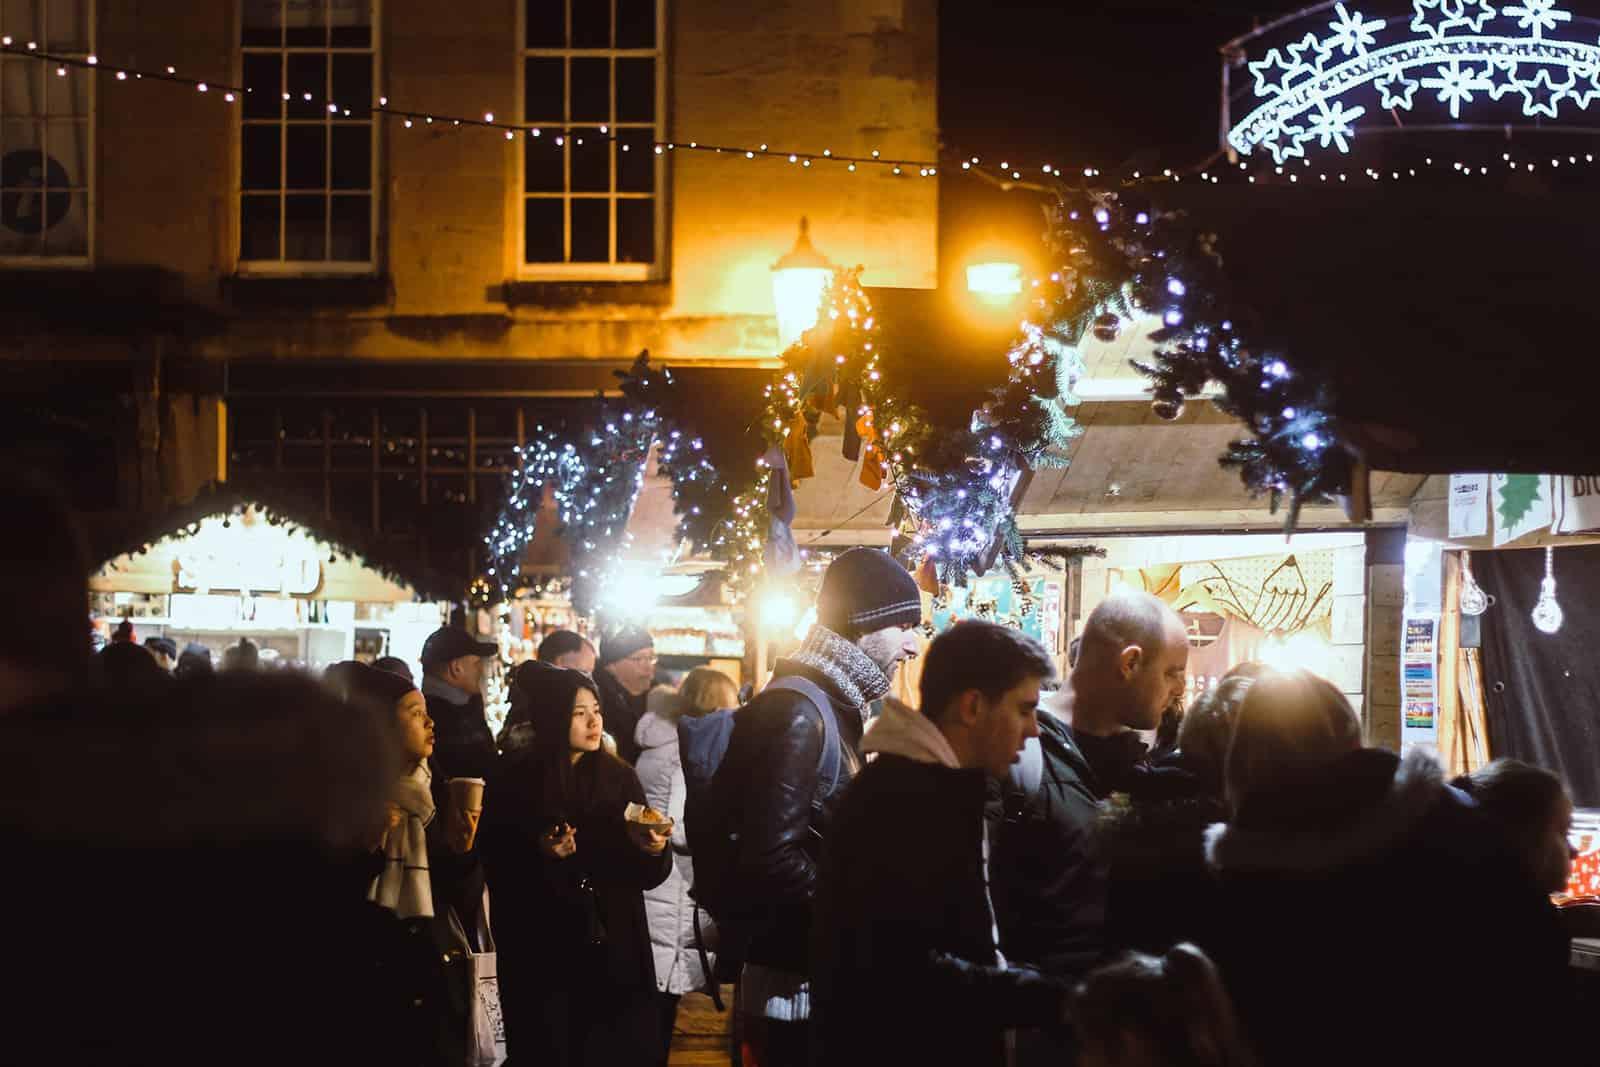 Gruppe von Menschen, die abends auf dem Weihnachtsmarkt spazieren gehen